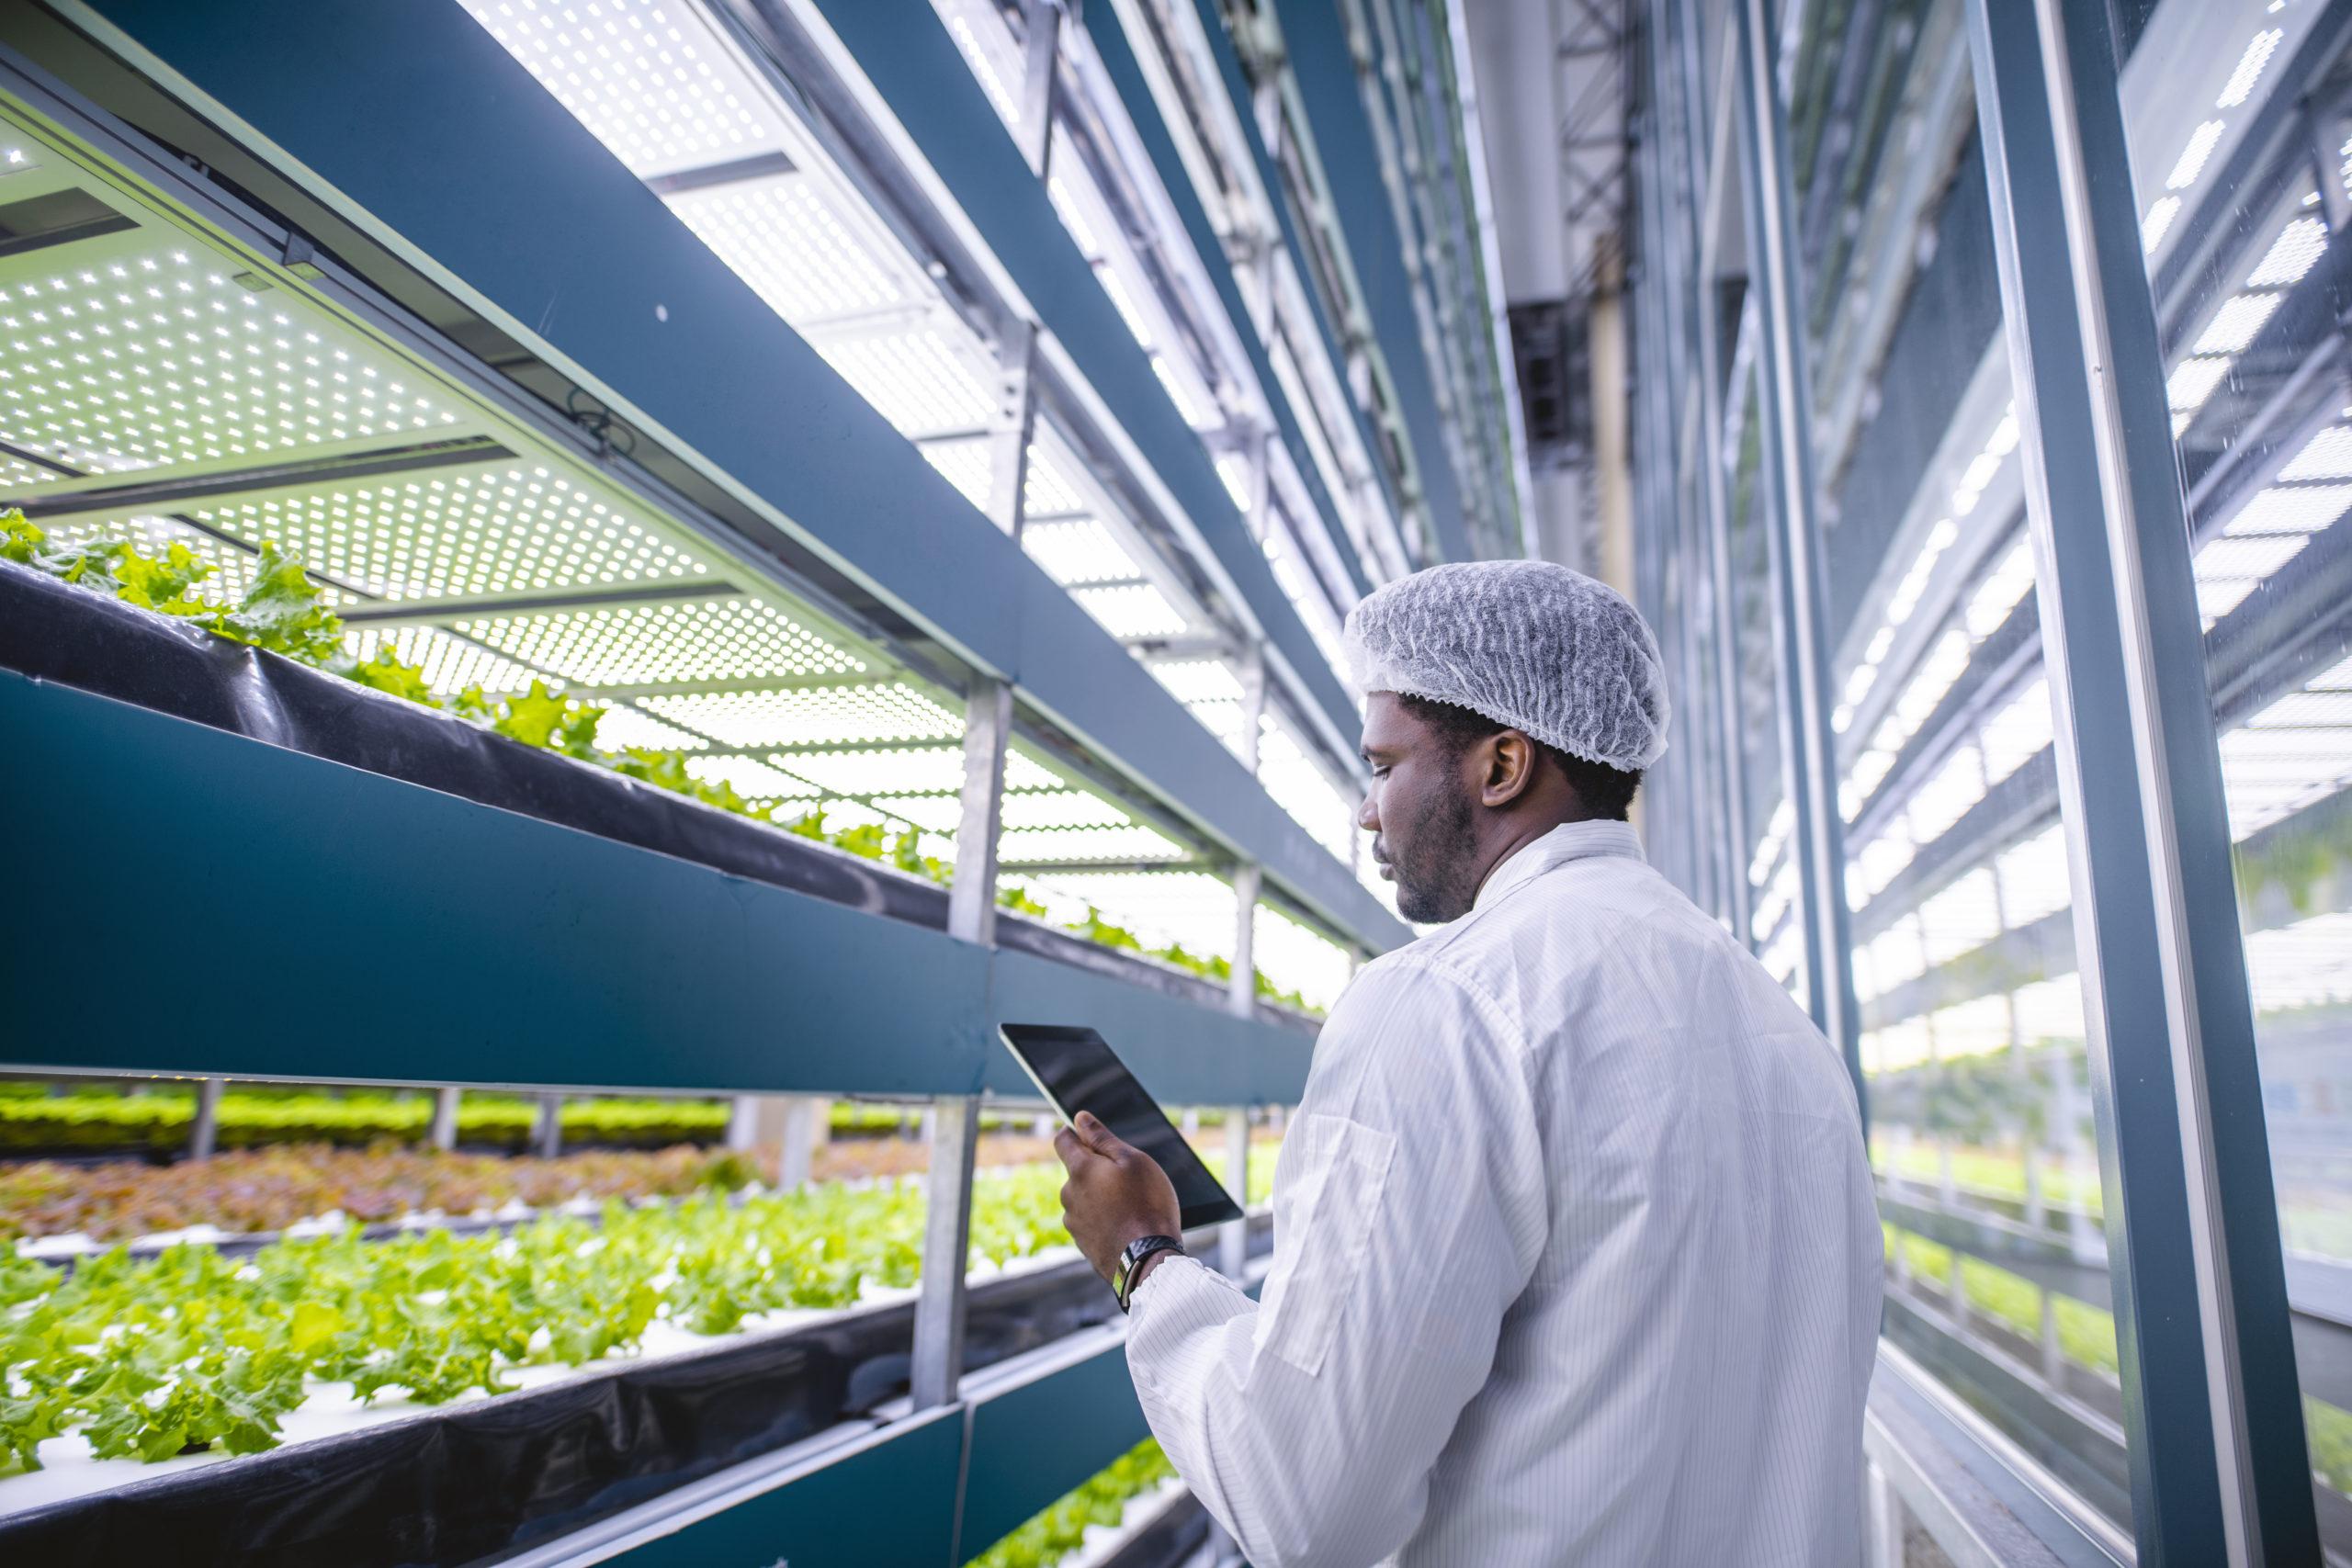 Выращивают растения на гидропонных установках